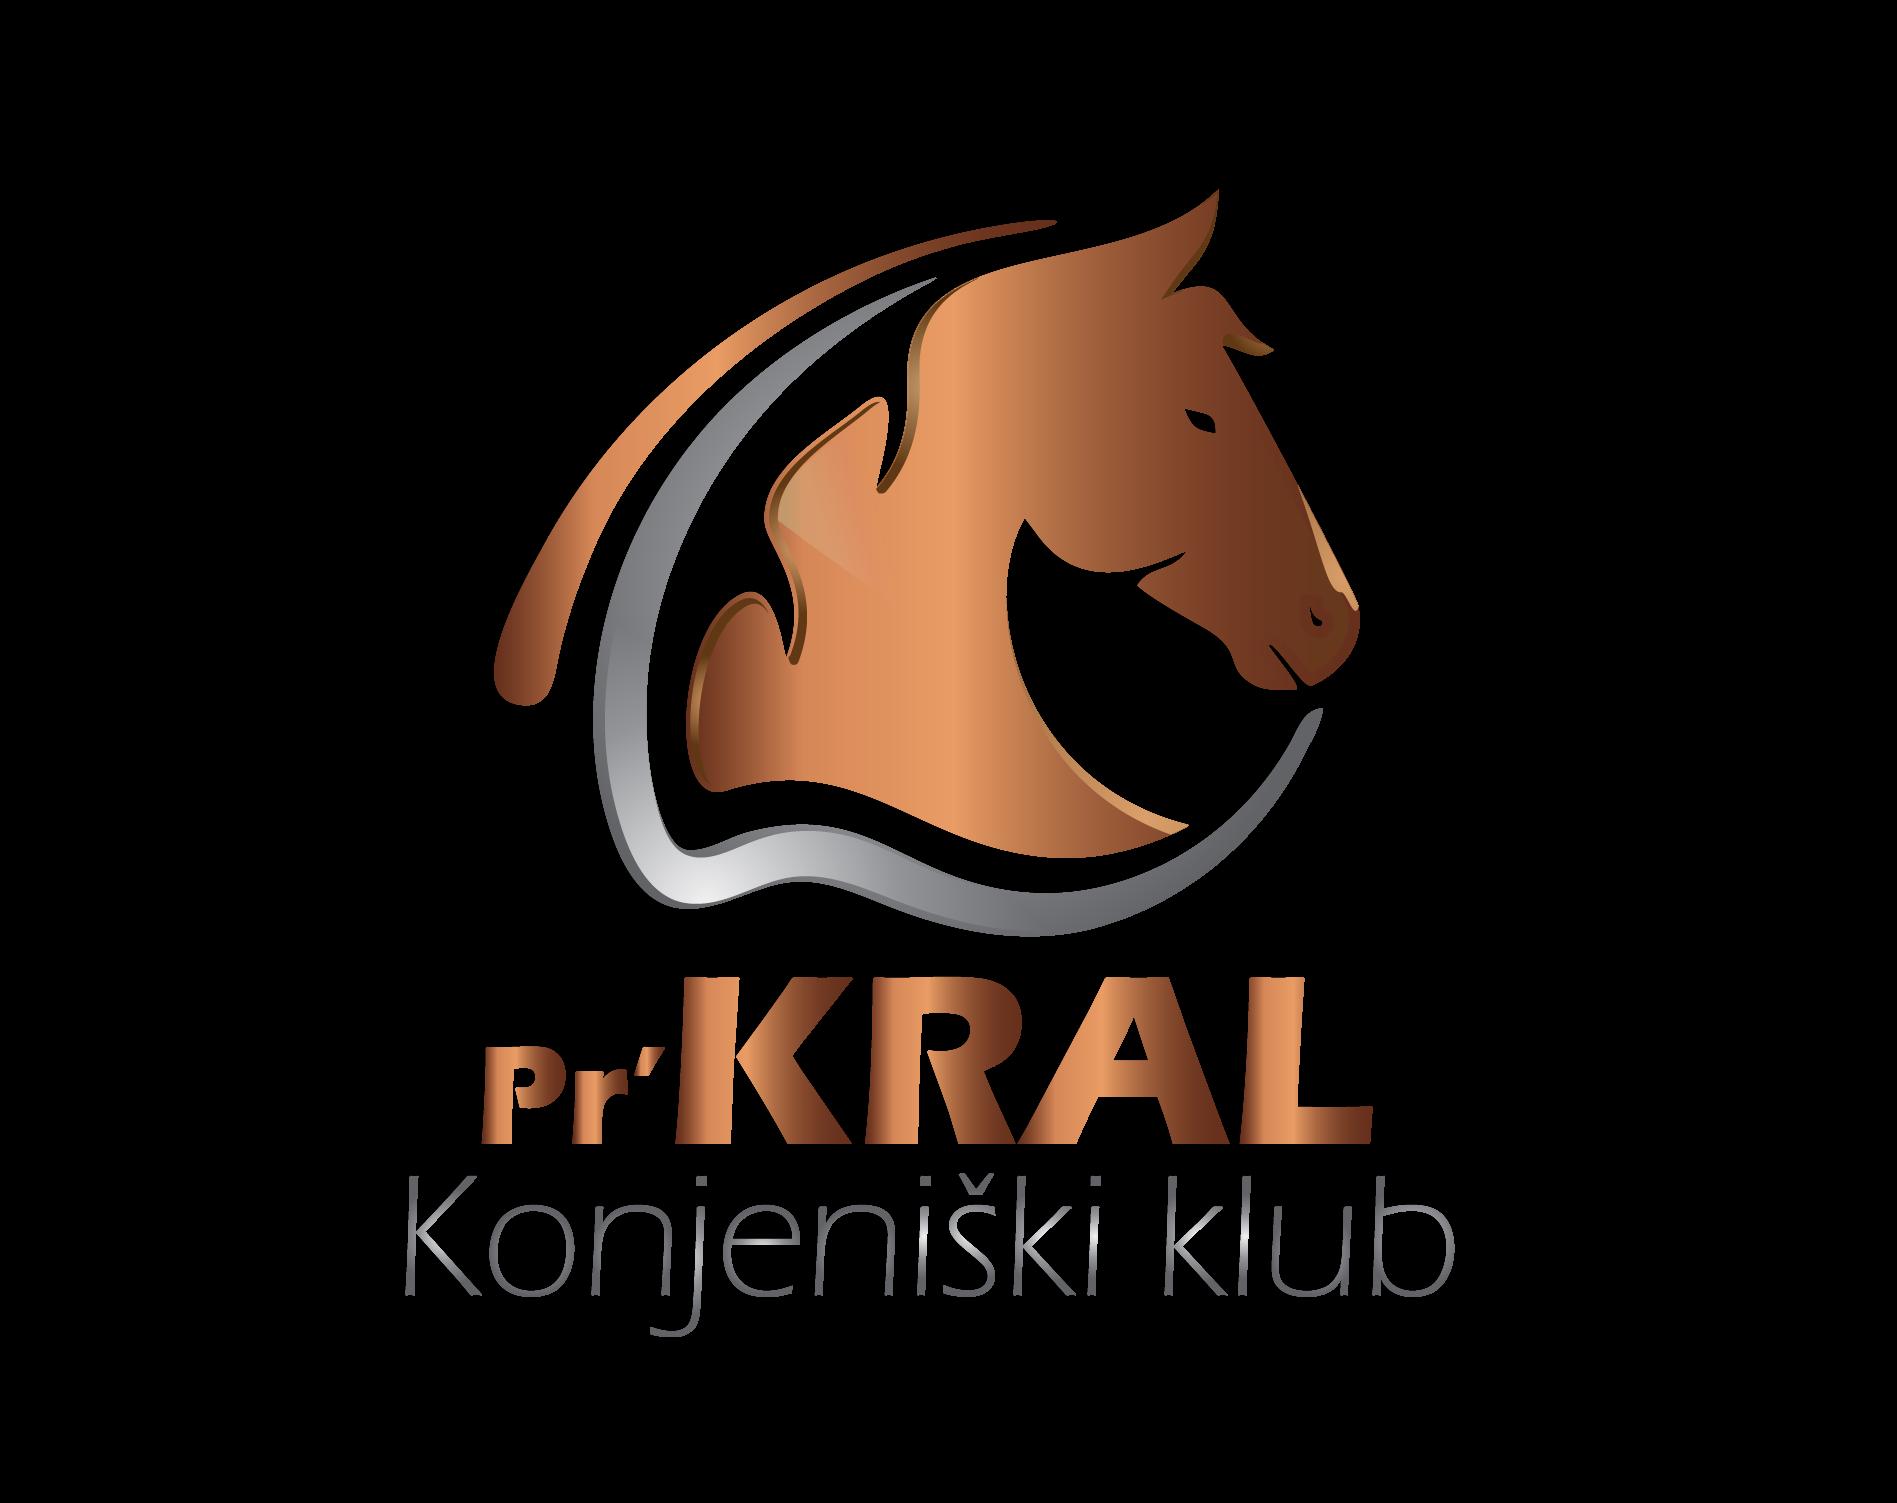 KK Pr'Kral